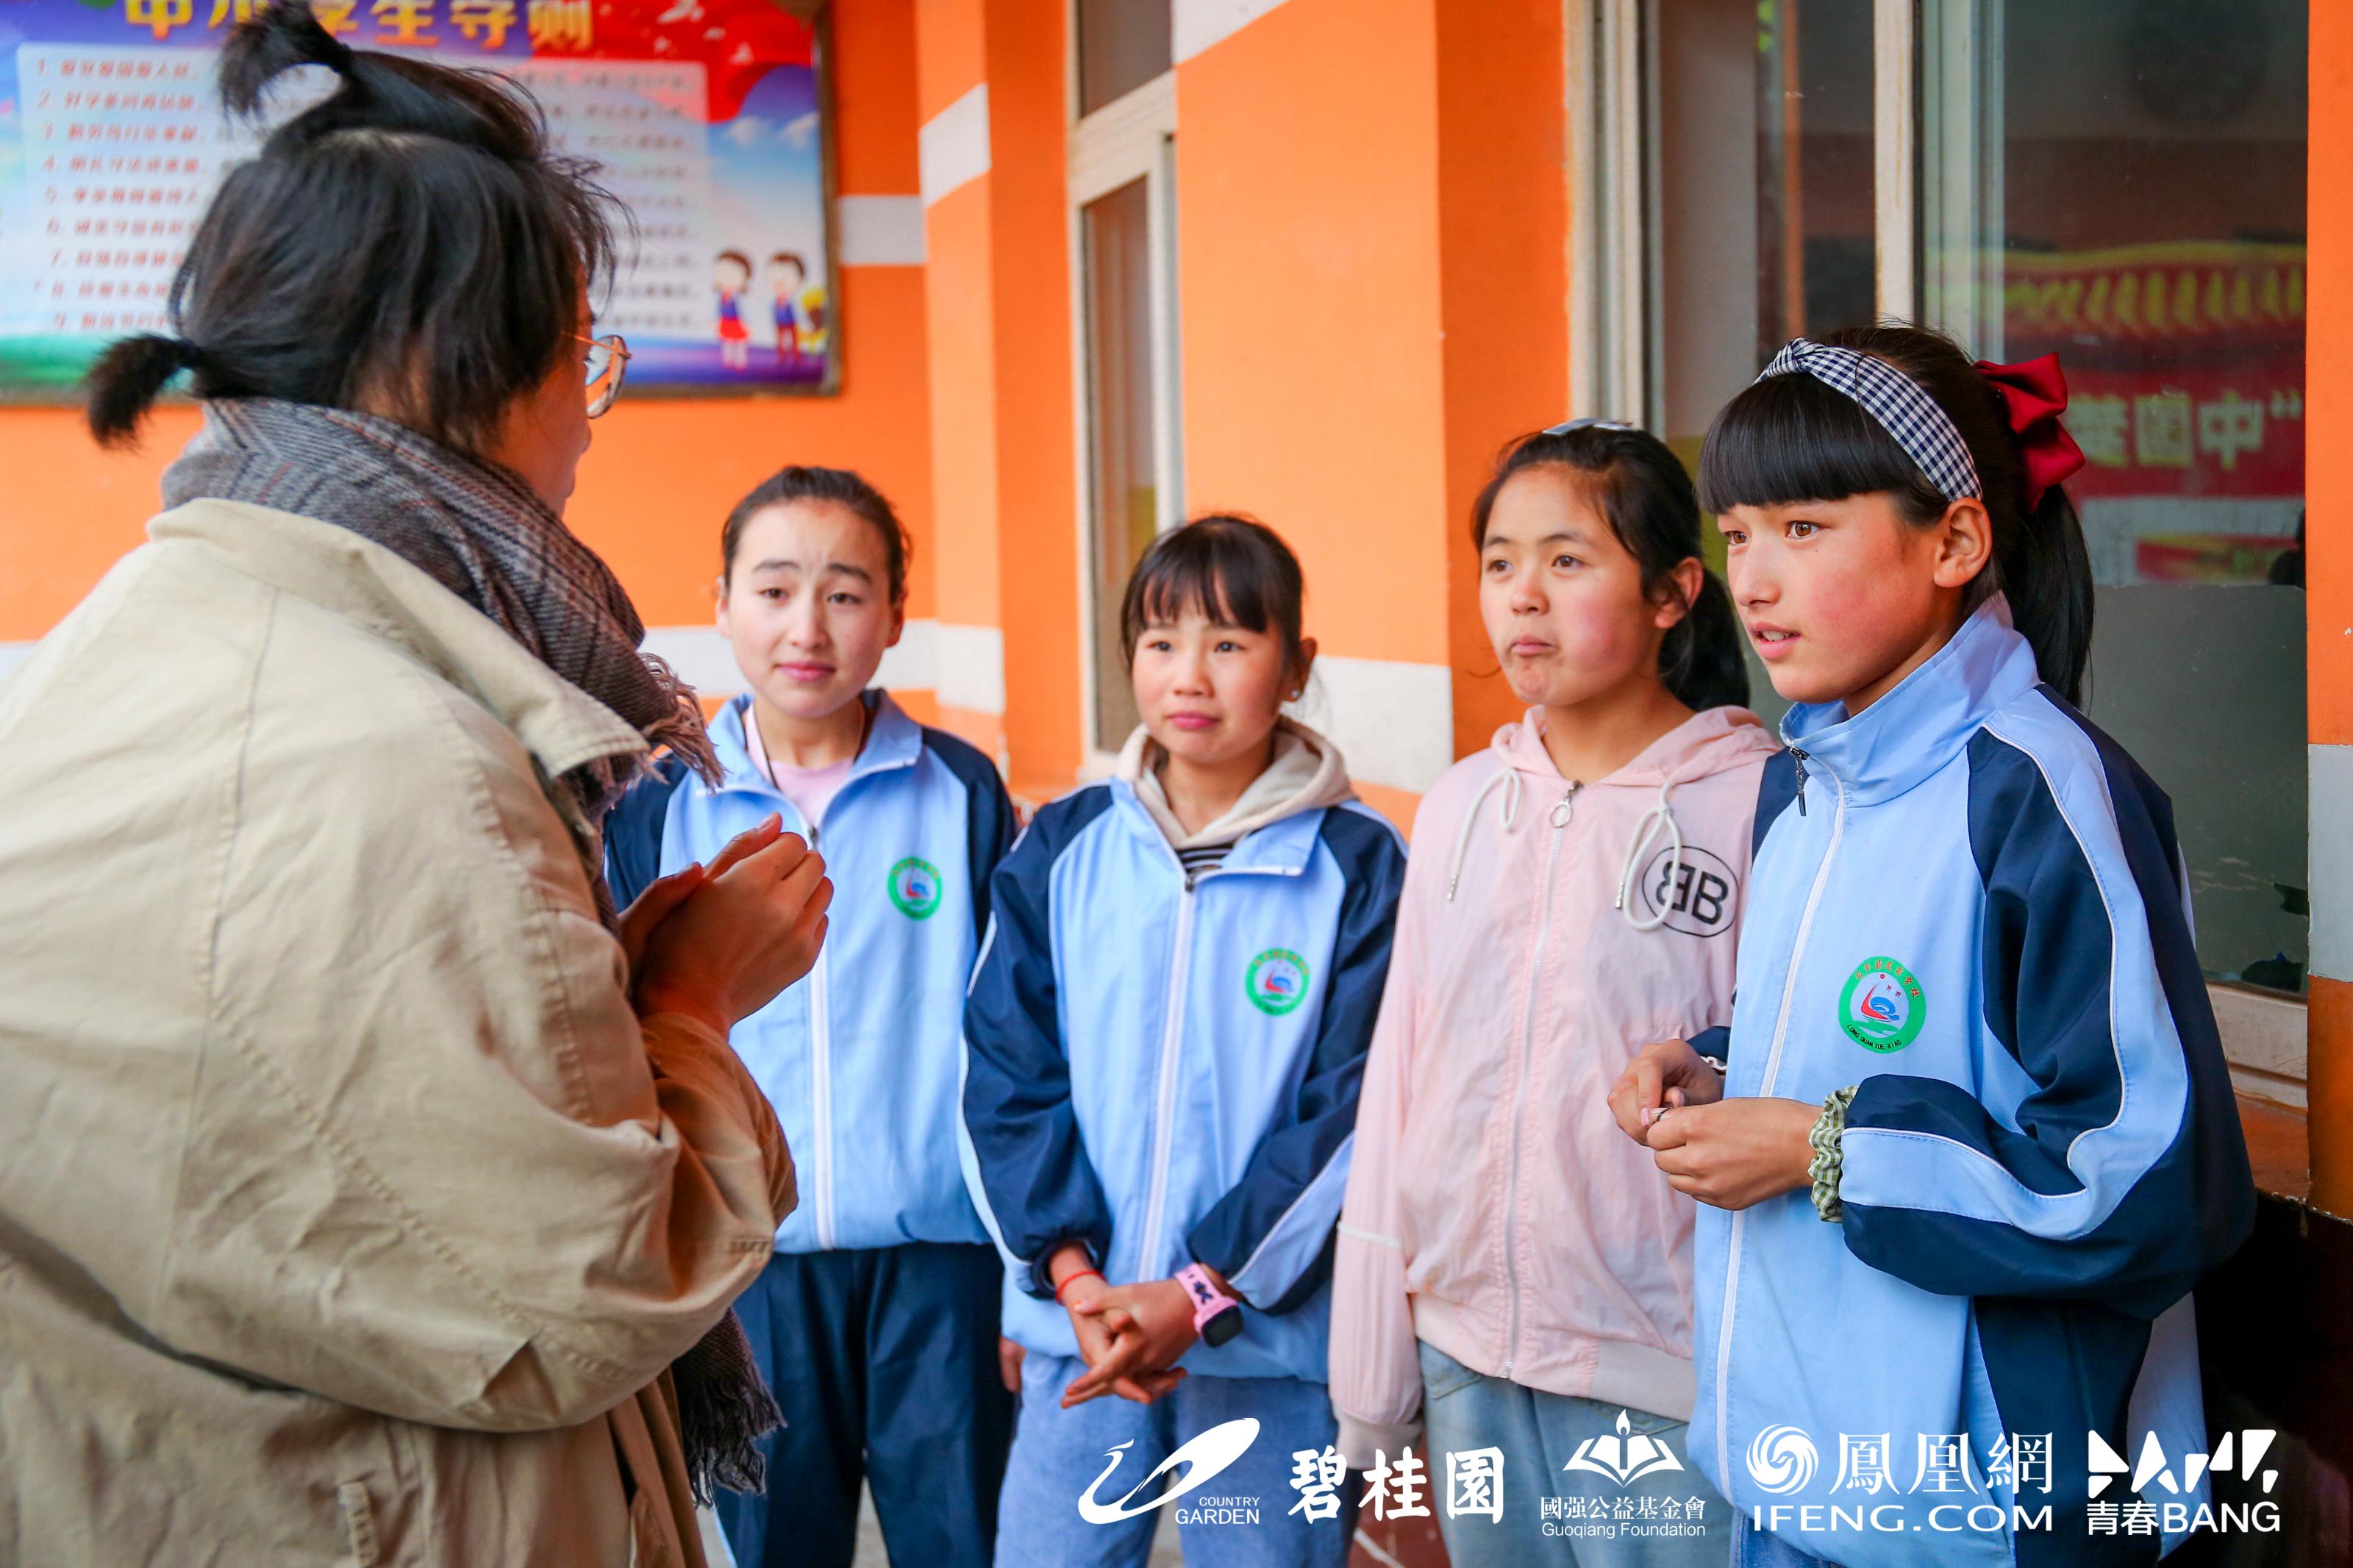 梁茹茹和孩子们聊天了解日常使用厕所情况